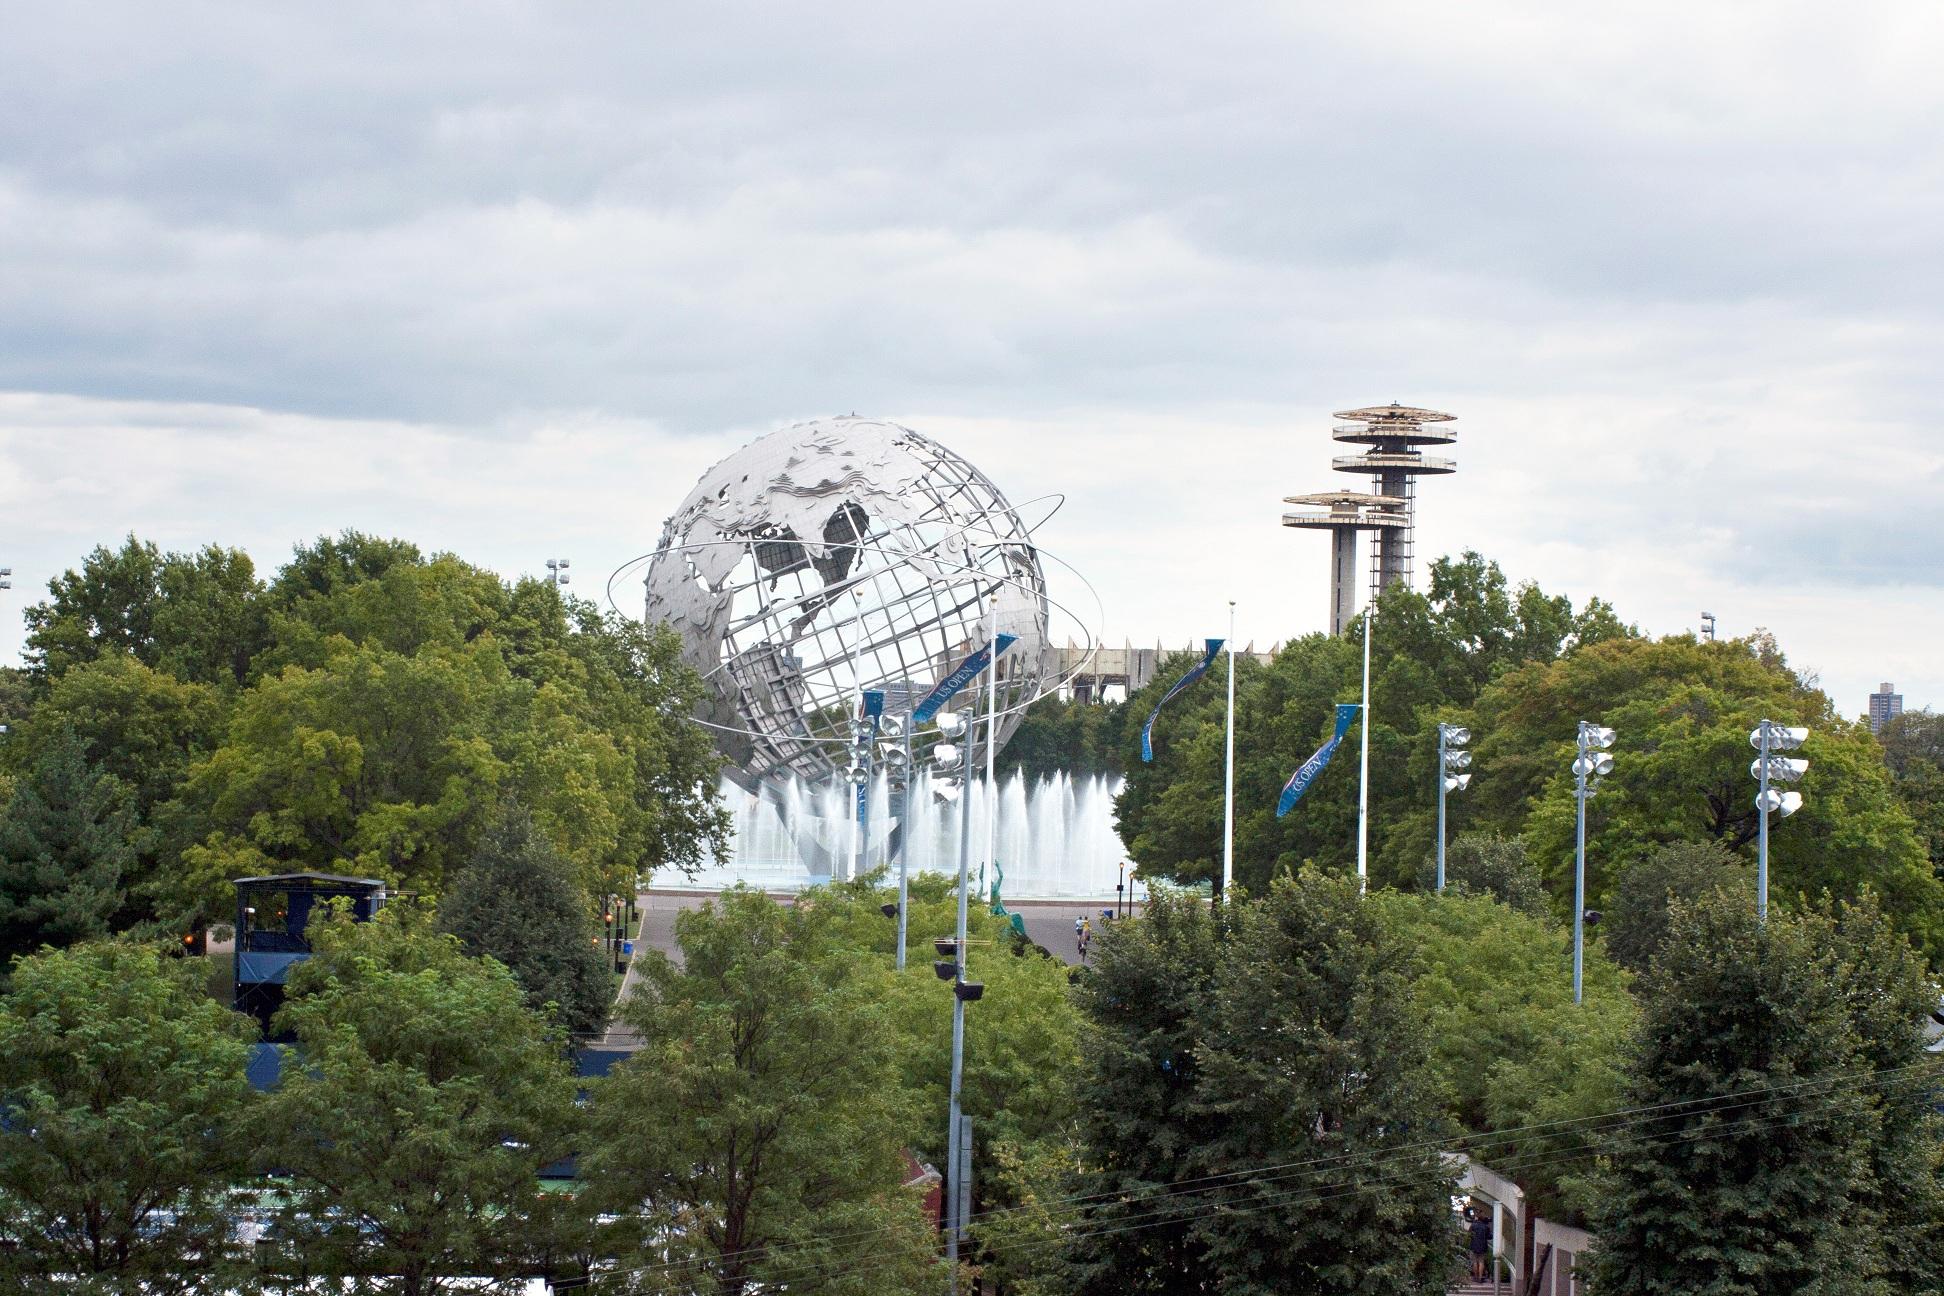 Turismo de nueva york promociona queens bookingfax - Oficina de turismo nueva york ...